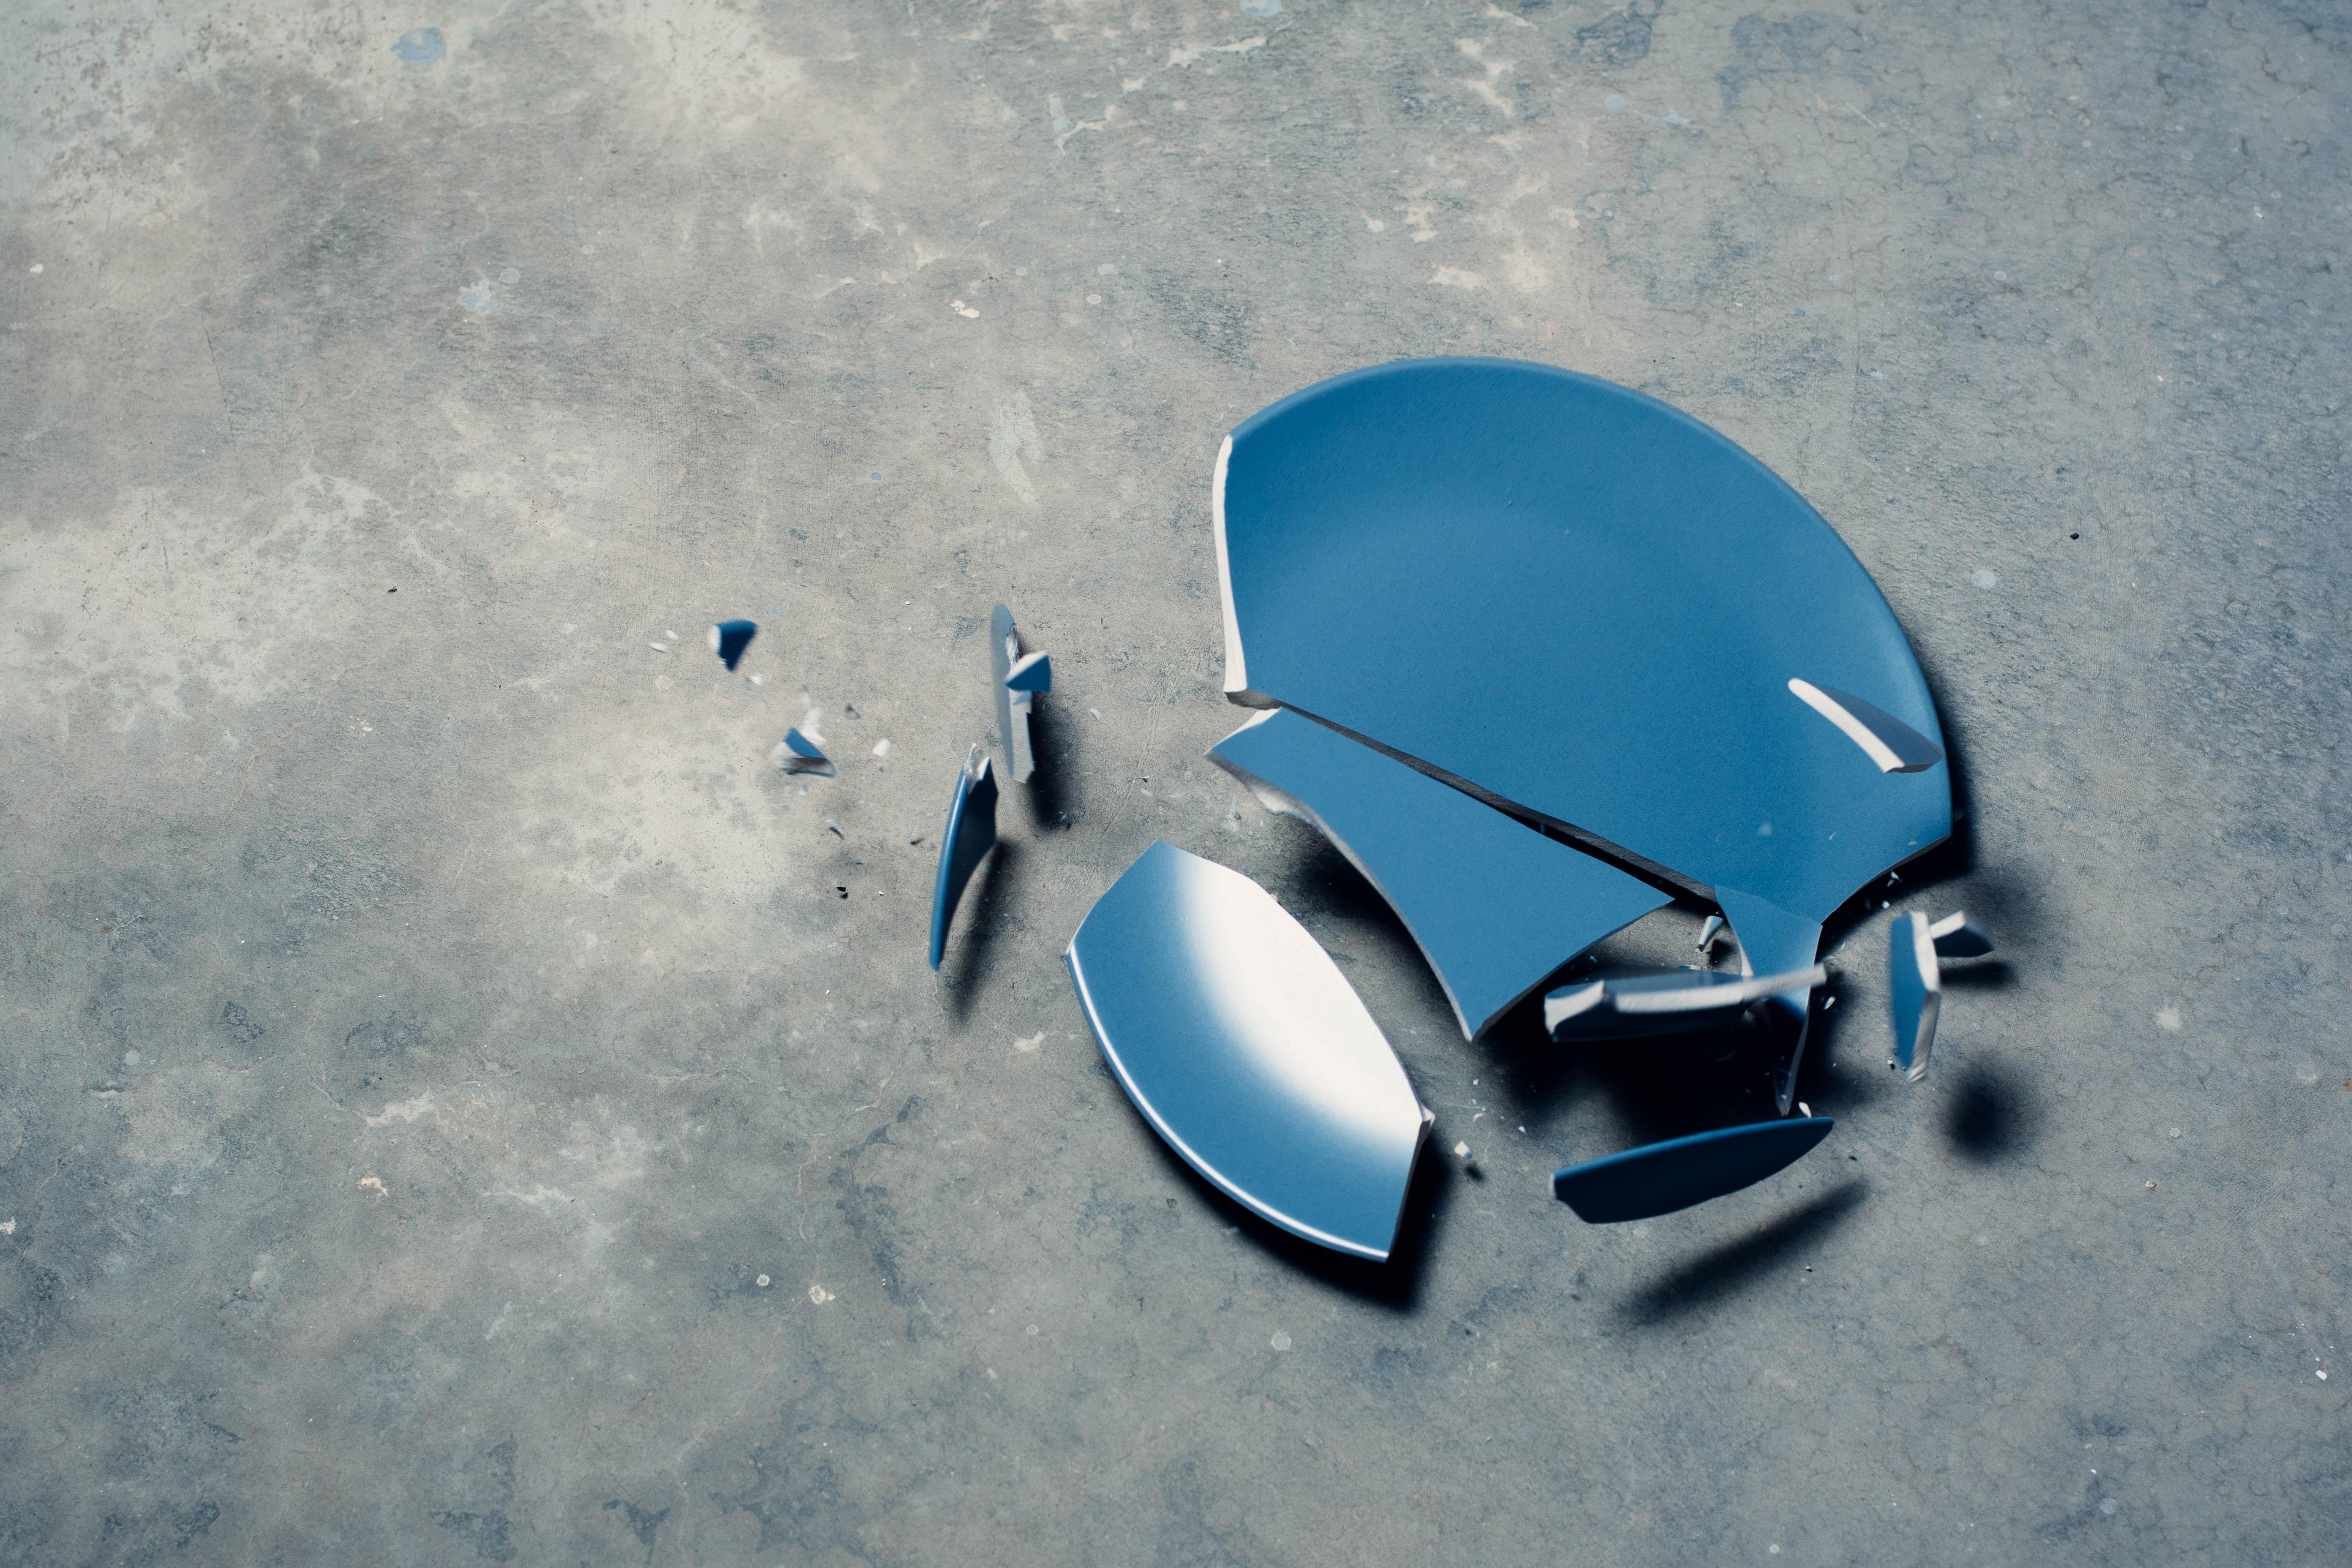 broken blue ceramic plate